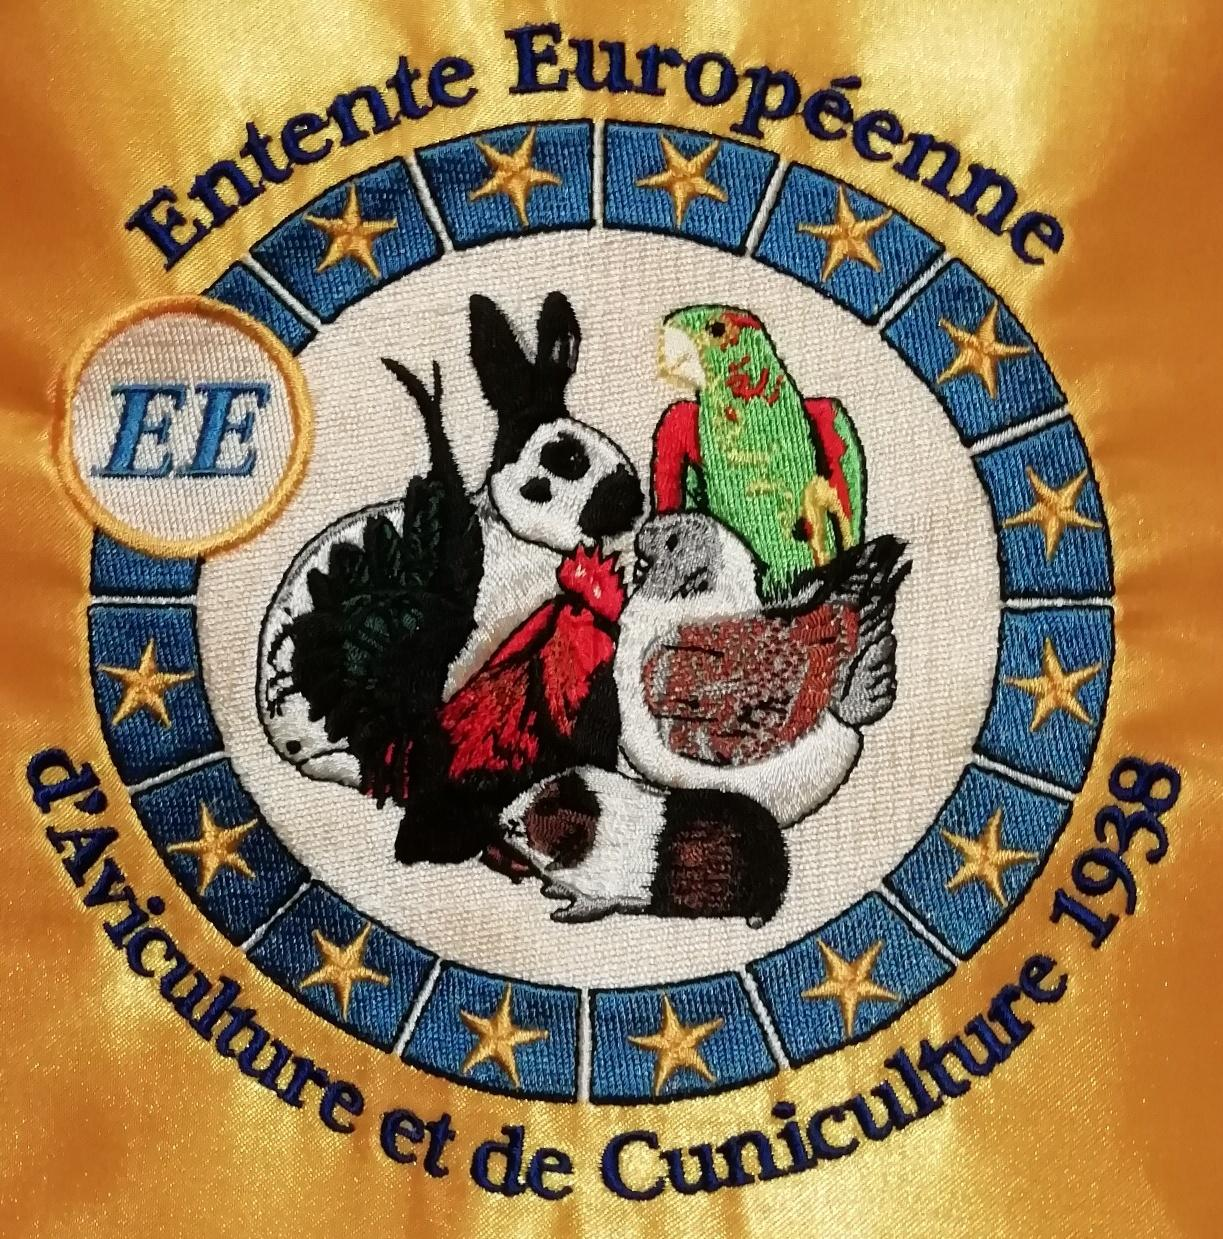 http://www.entente-ee.com/fr/